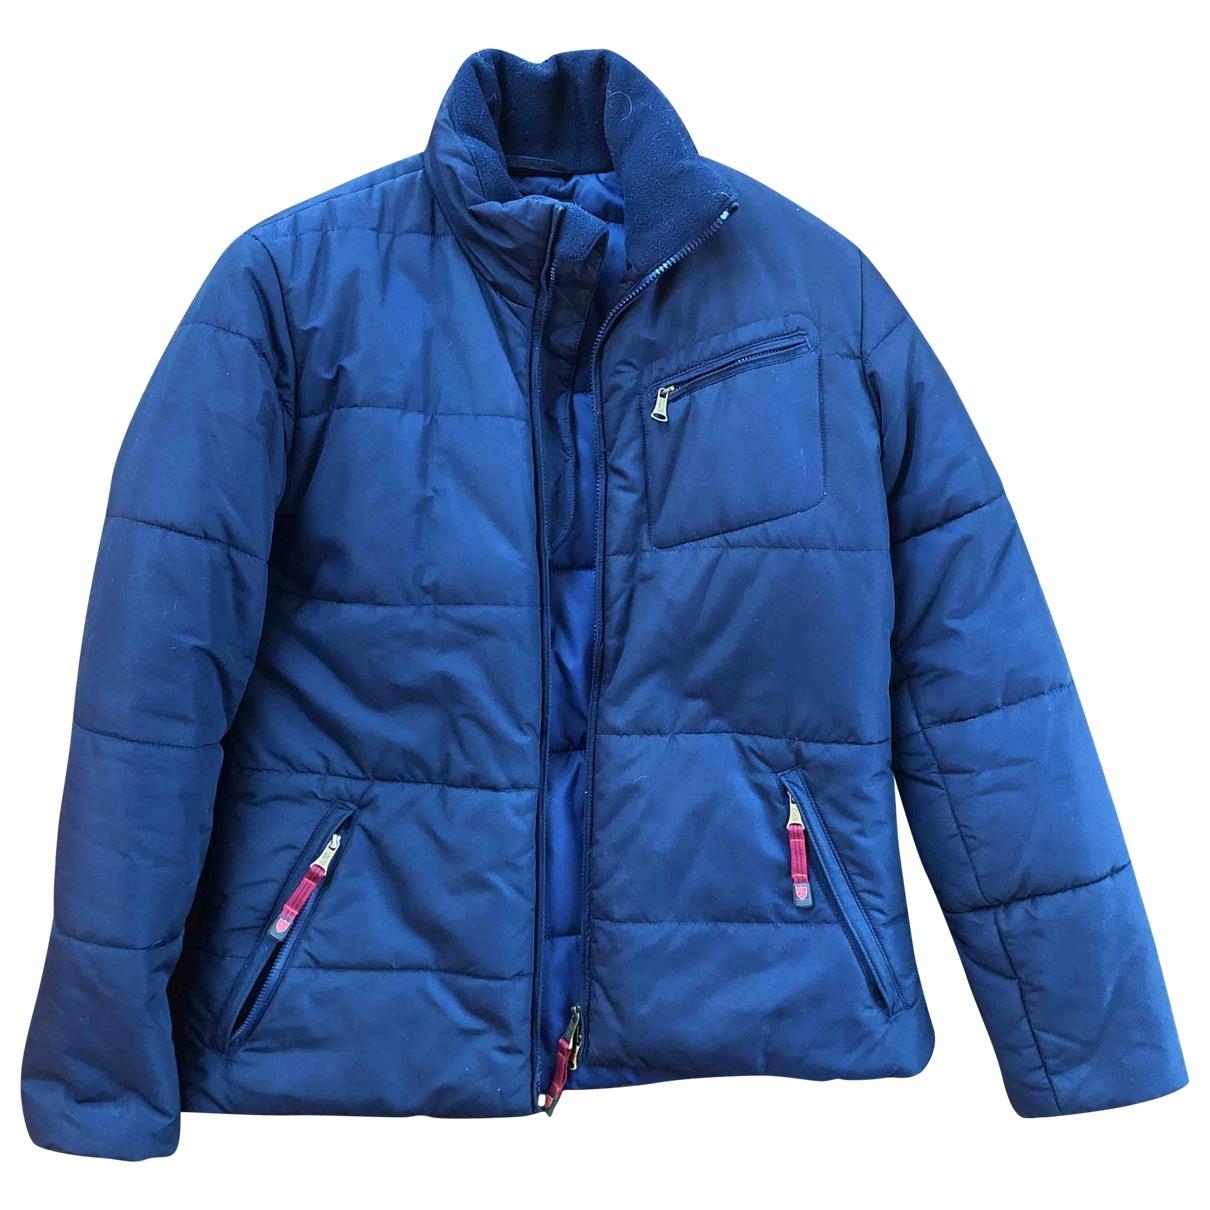 Ralph Lauren \N Navy coat for Women M International